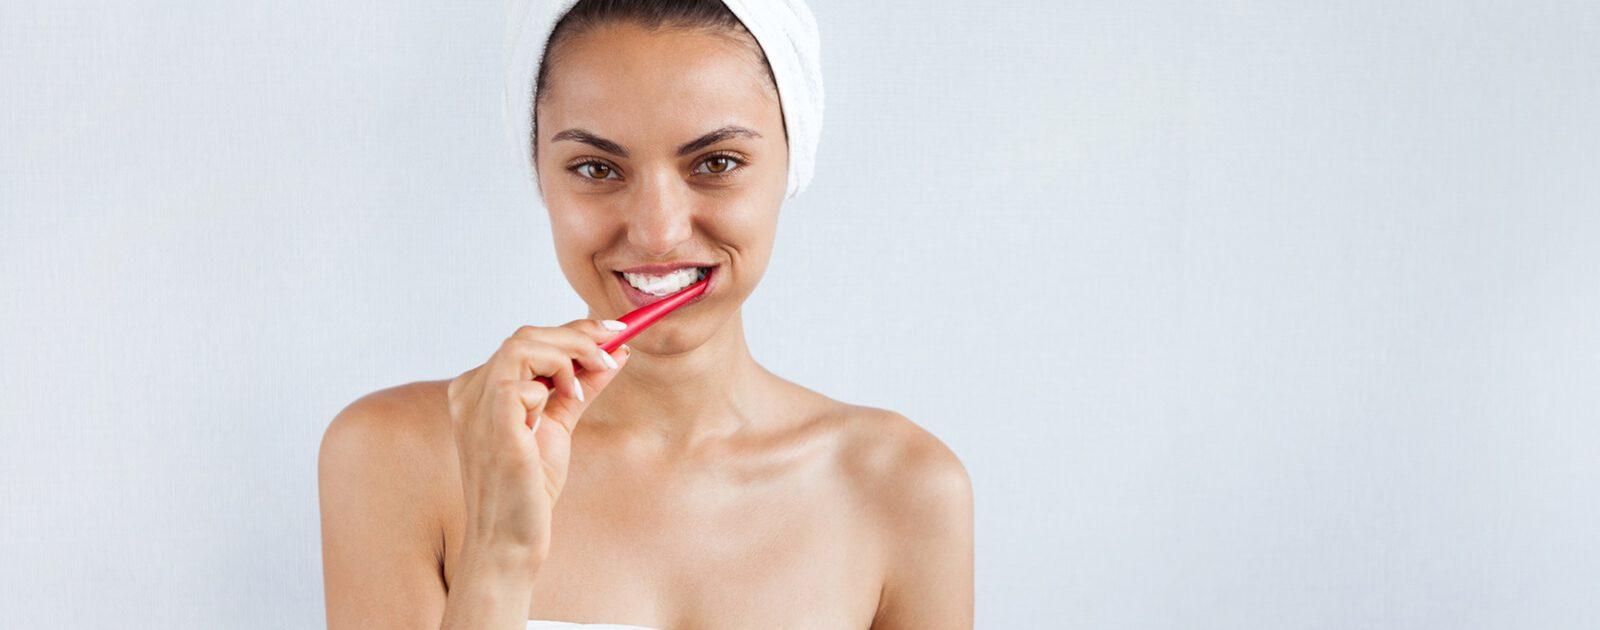 Eine Frau putzt sich mit einer Vitamin B12 angereicherten Zahnpasta die Zähne.